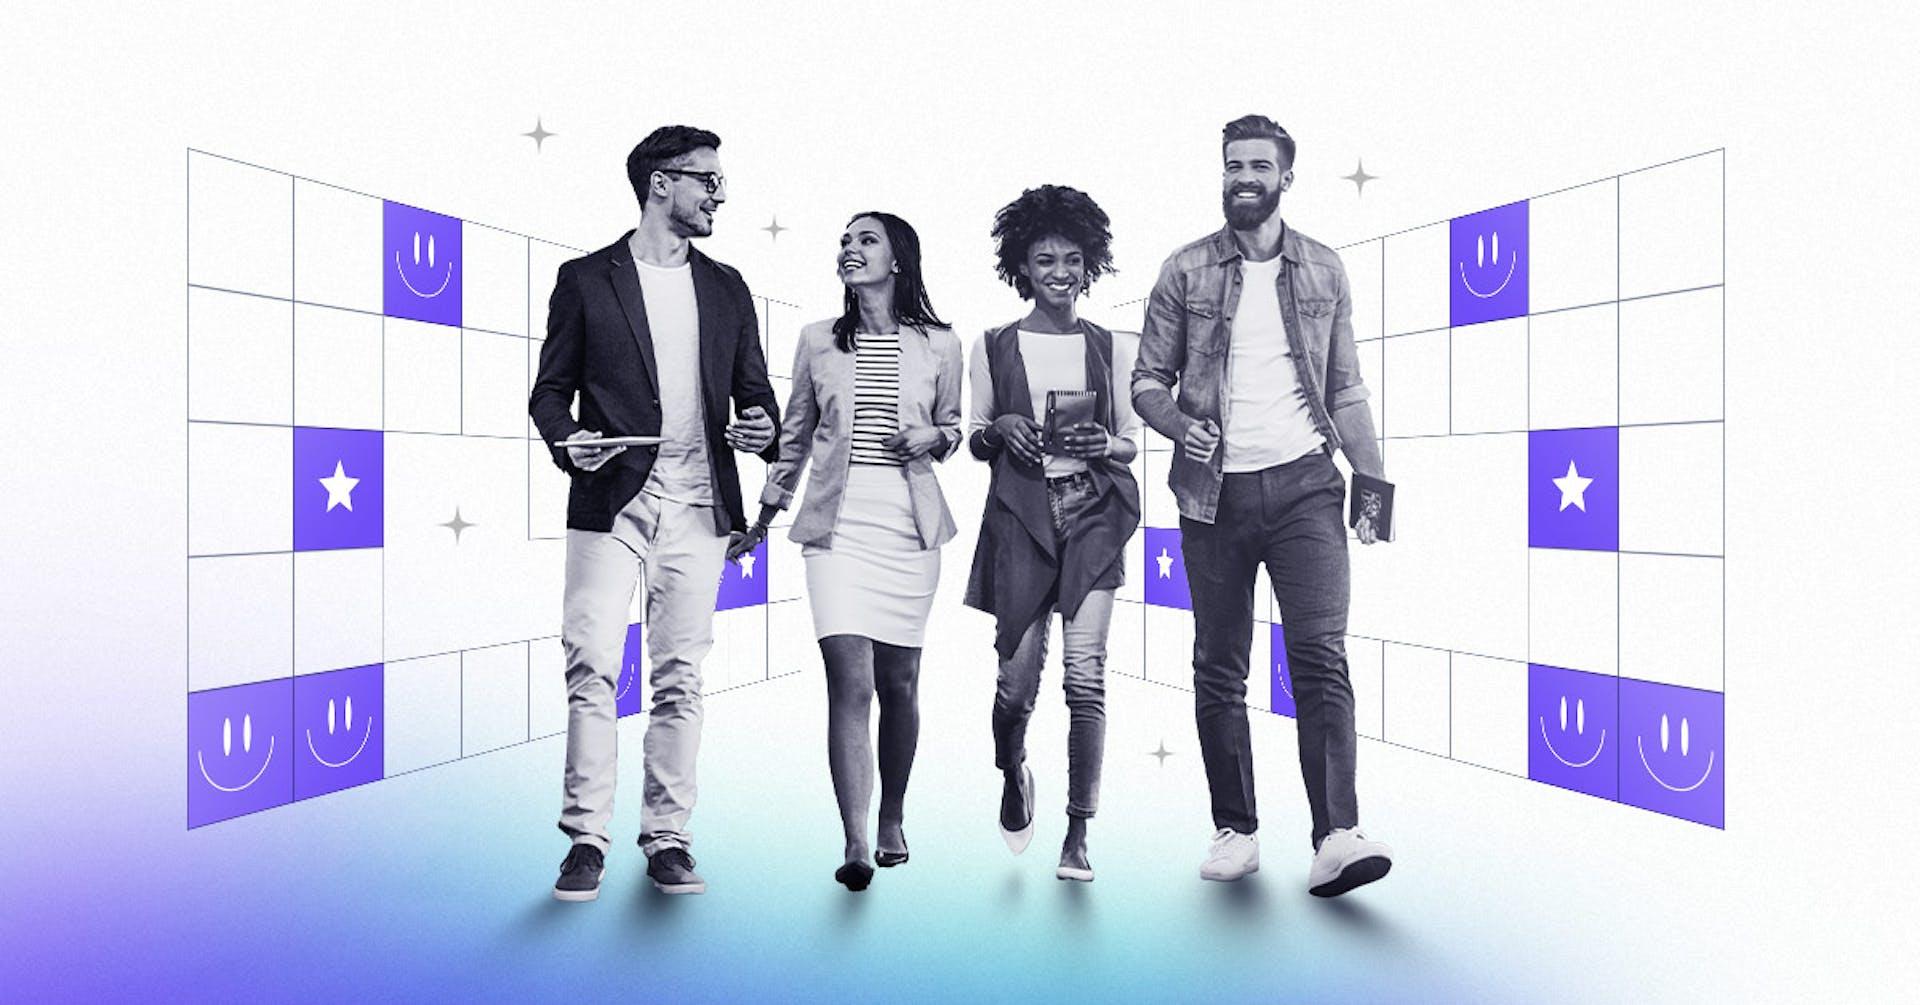 Los 5 desafíos del Employee Experience en 2022 para motivar a tu planta